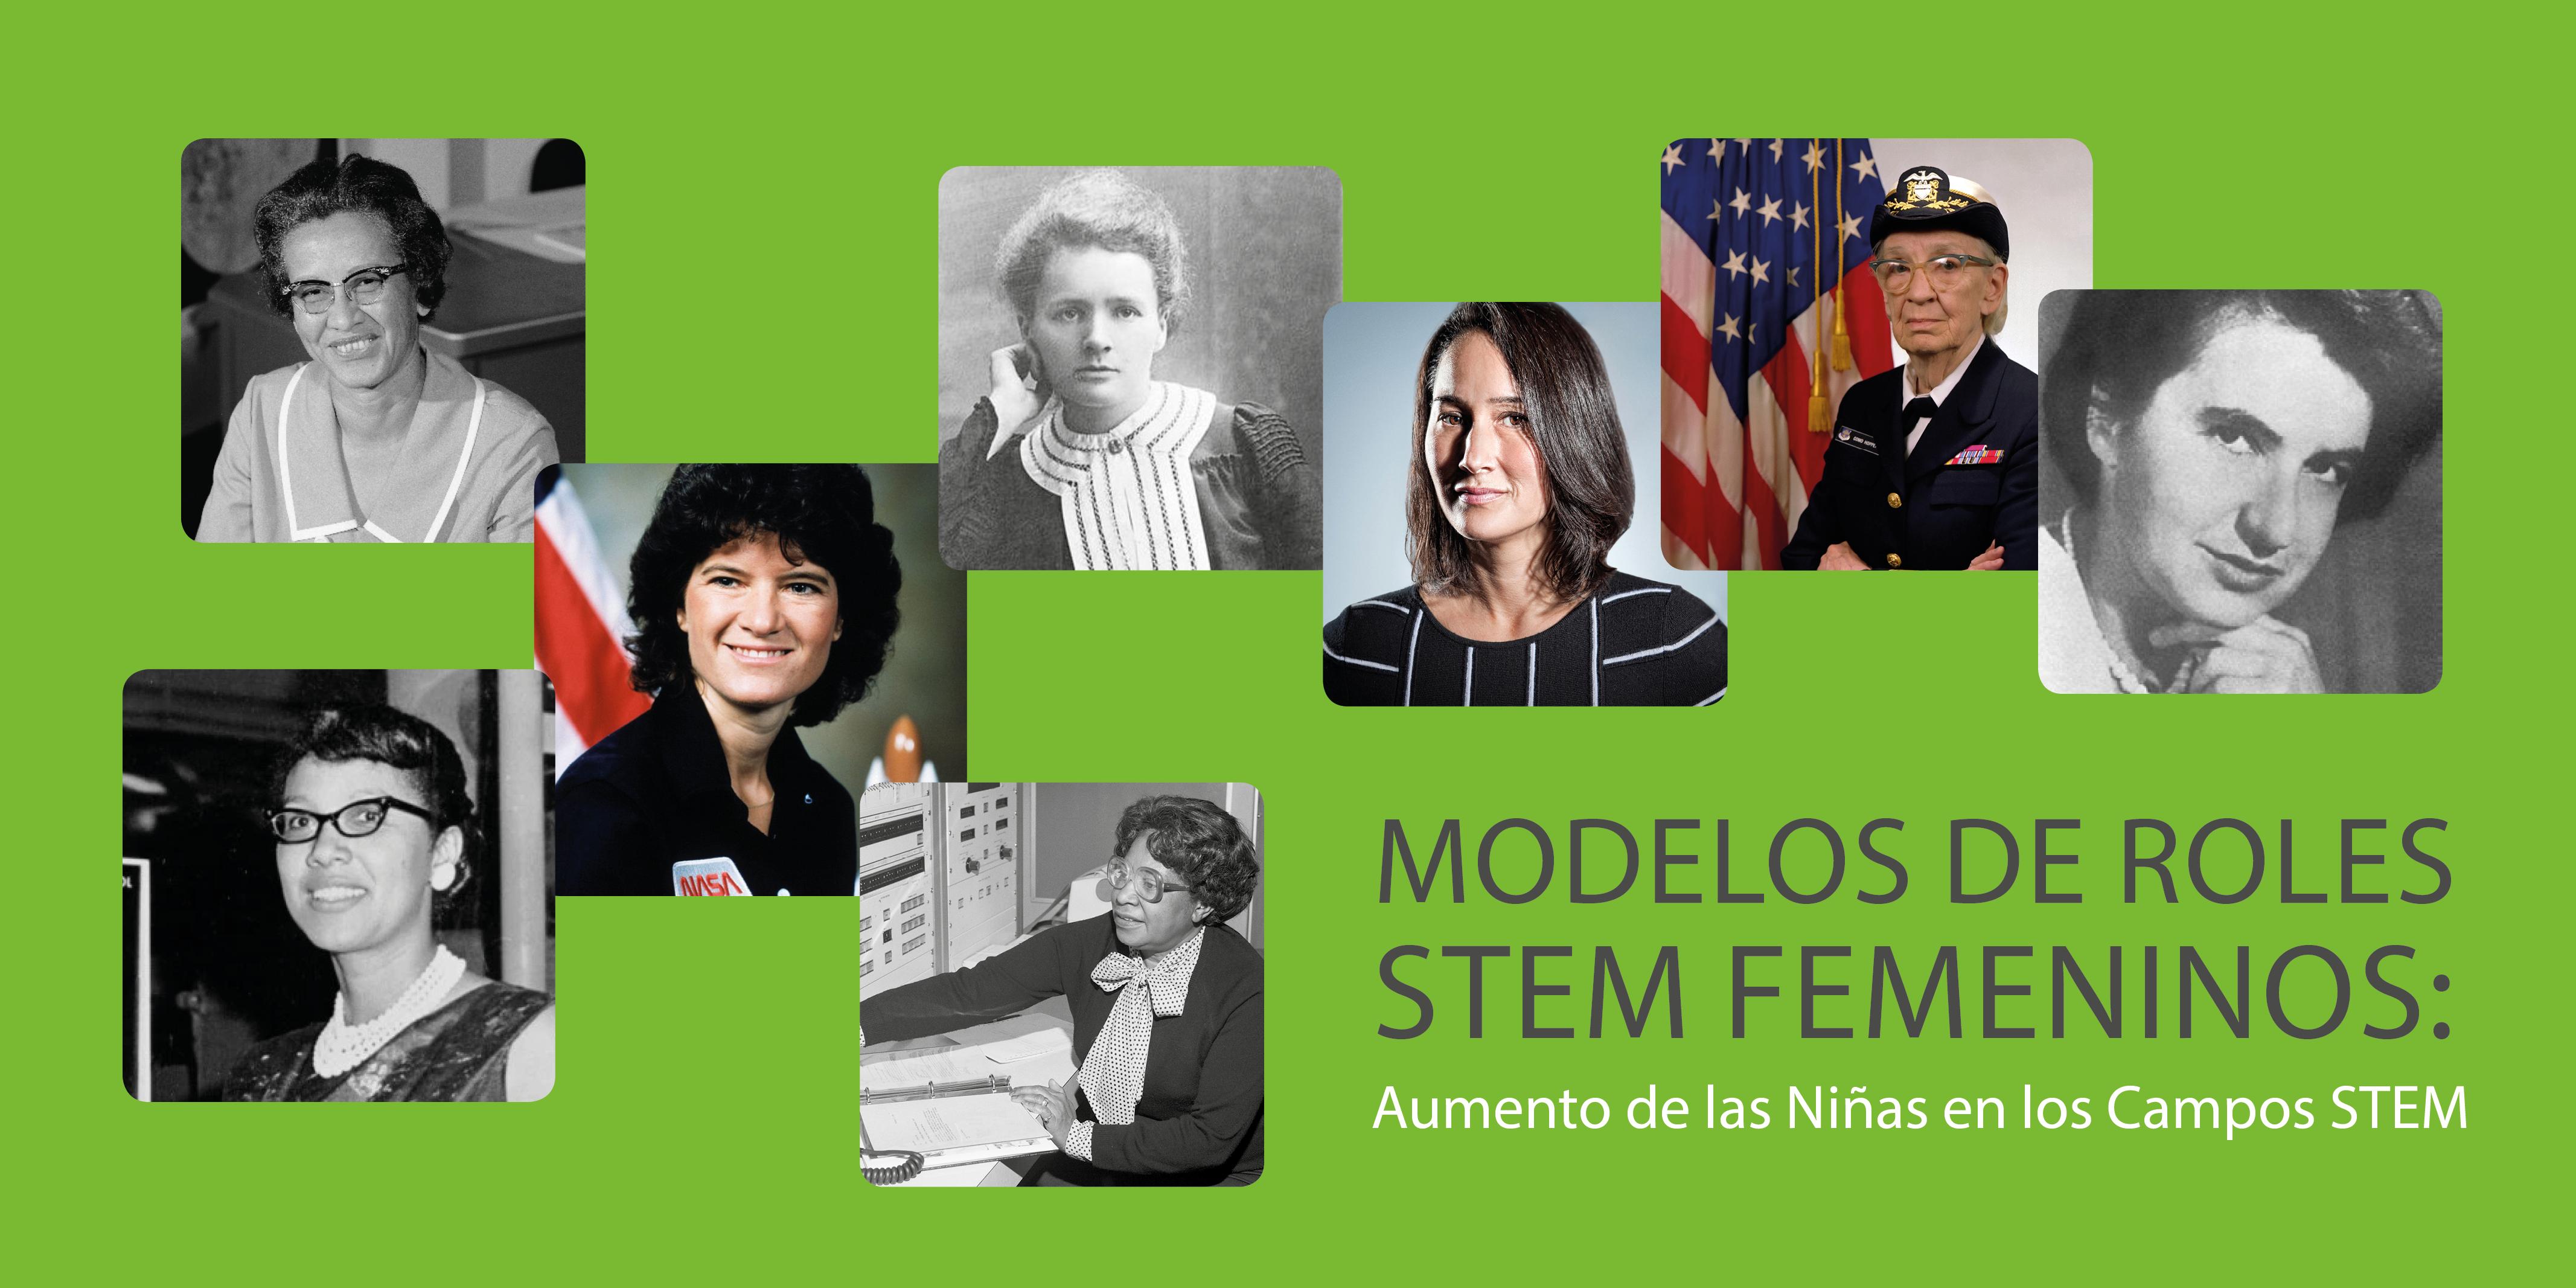 Modelos de Roles STEM Femeninos: Aumento de las Niñas en los Campos STEM